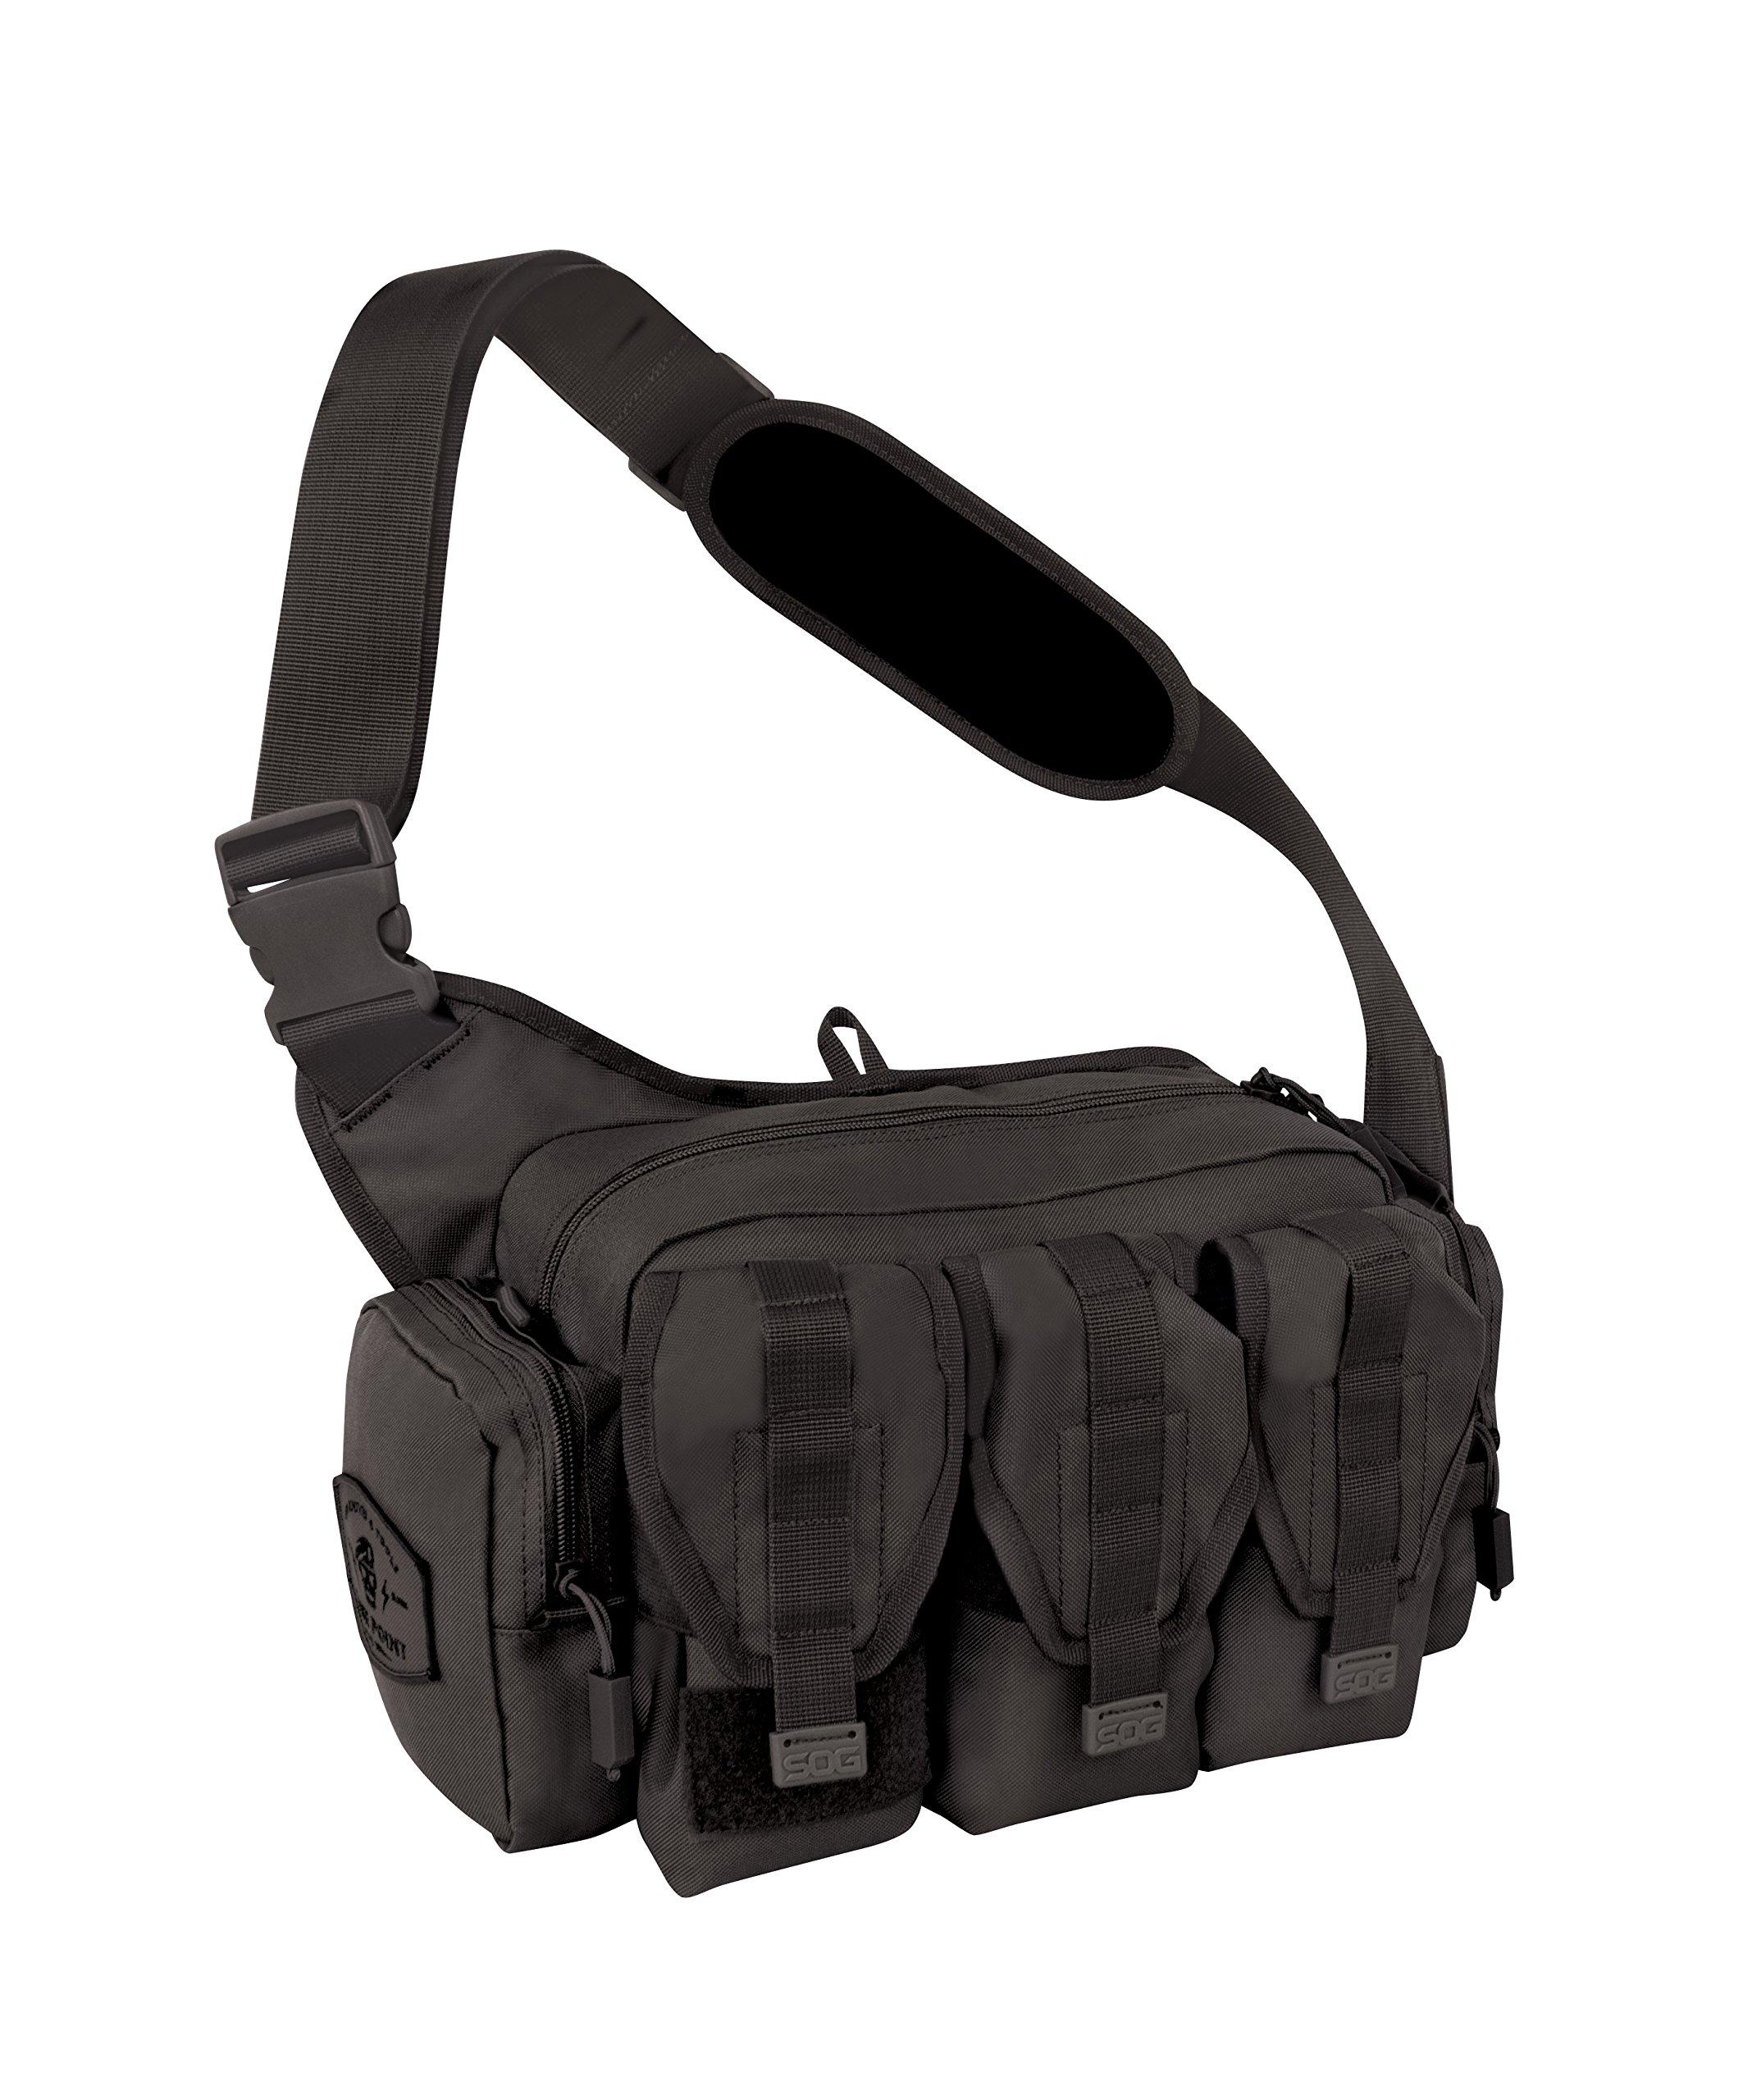 SOG Responder Bag, 11.5-Liter Storage